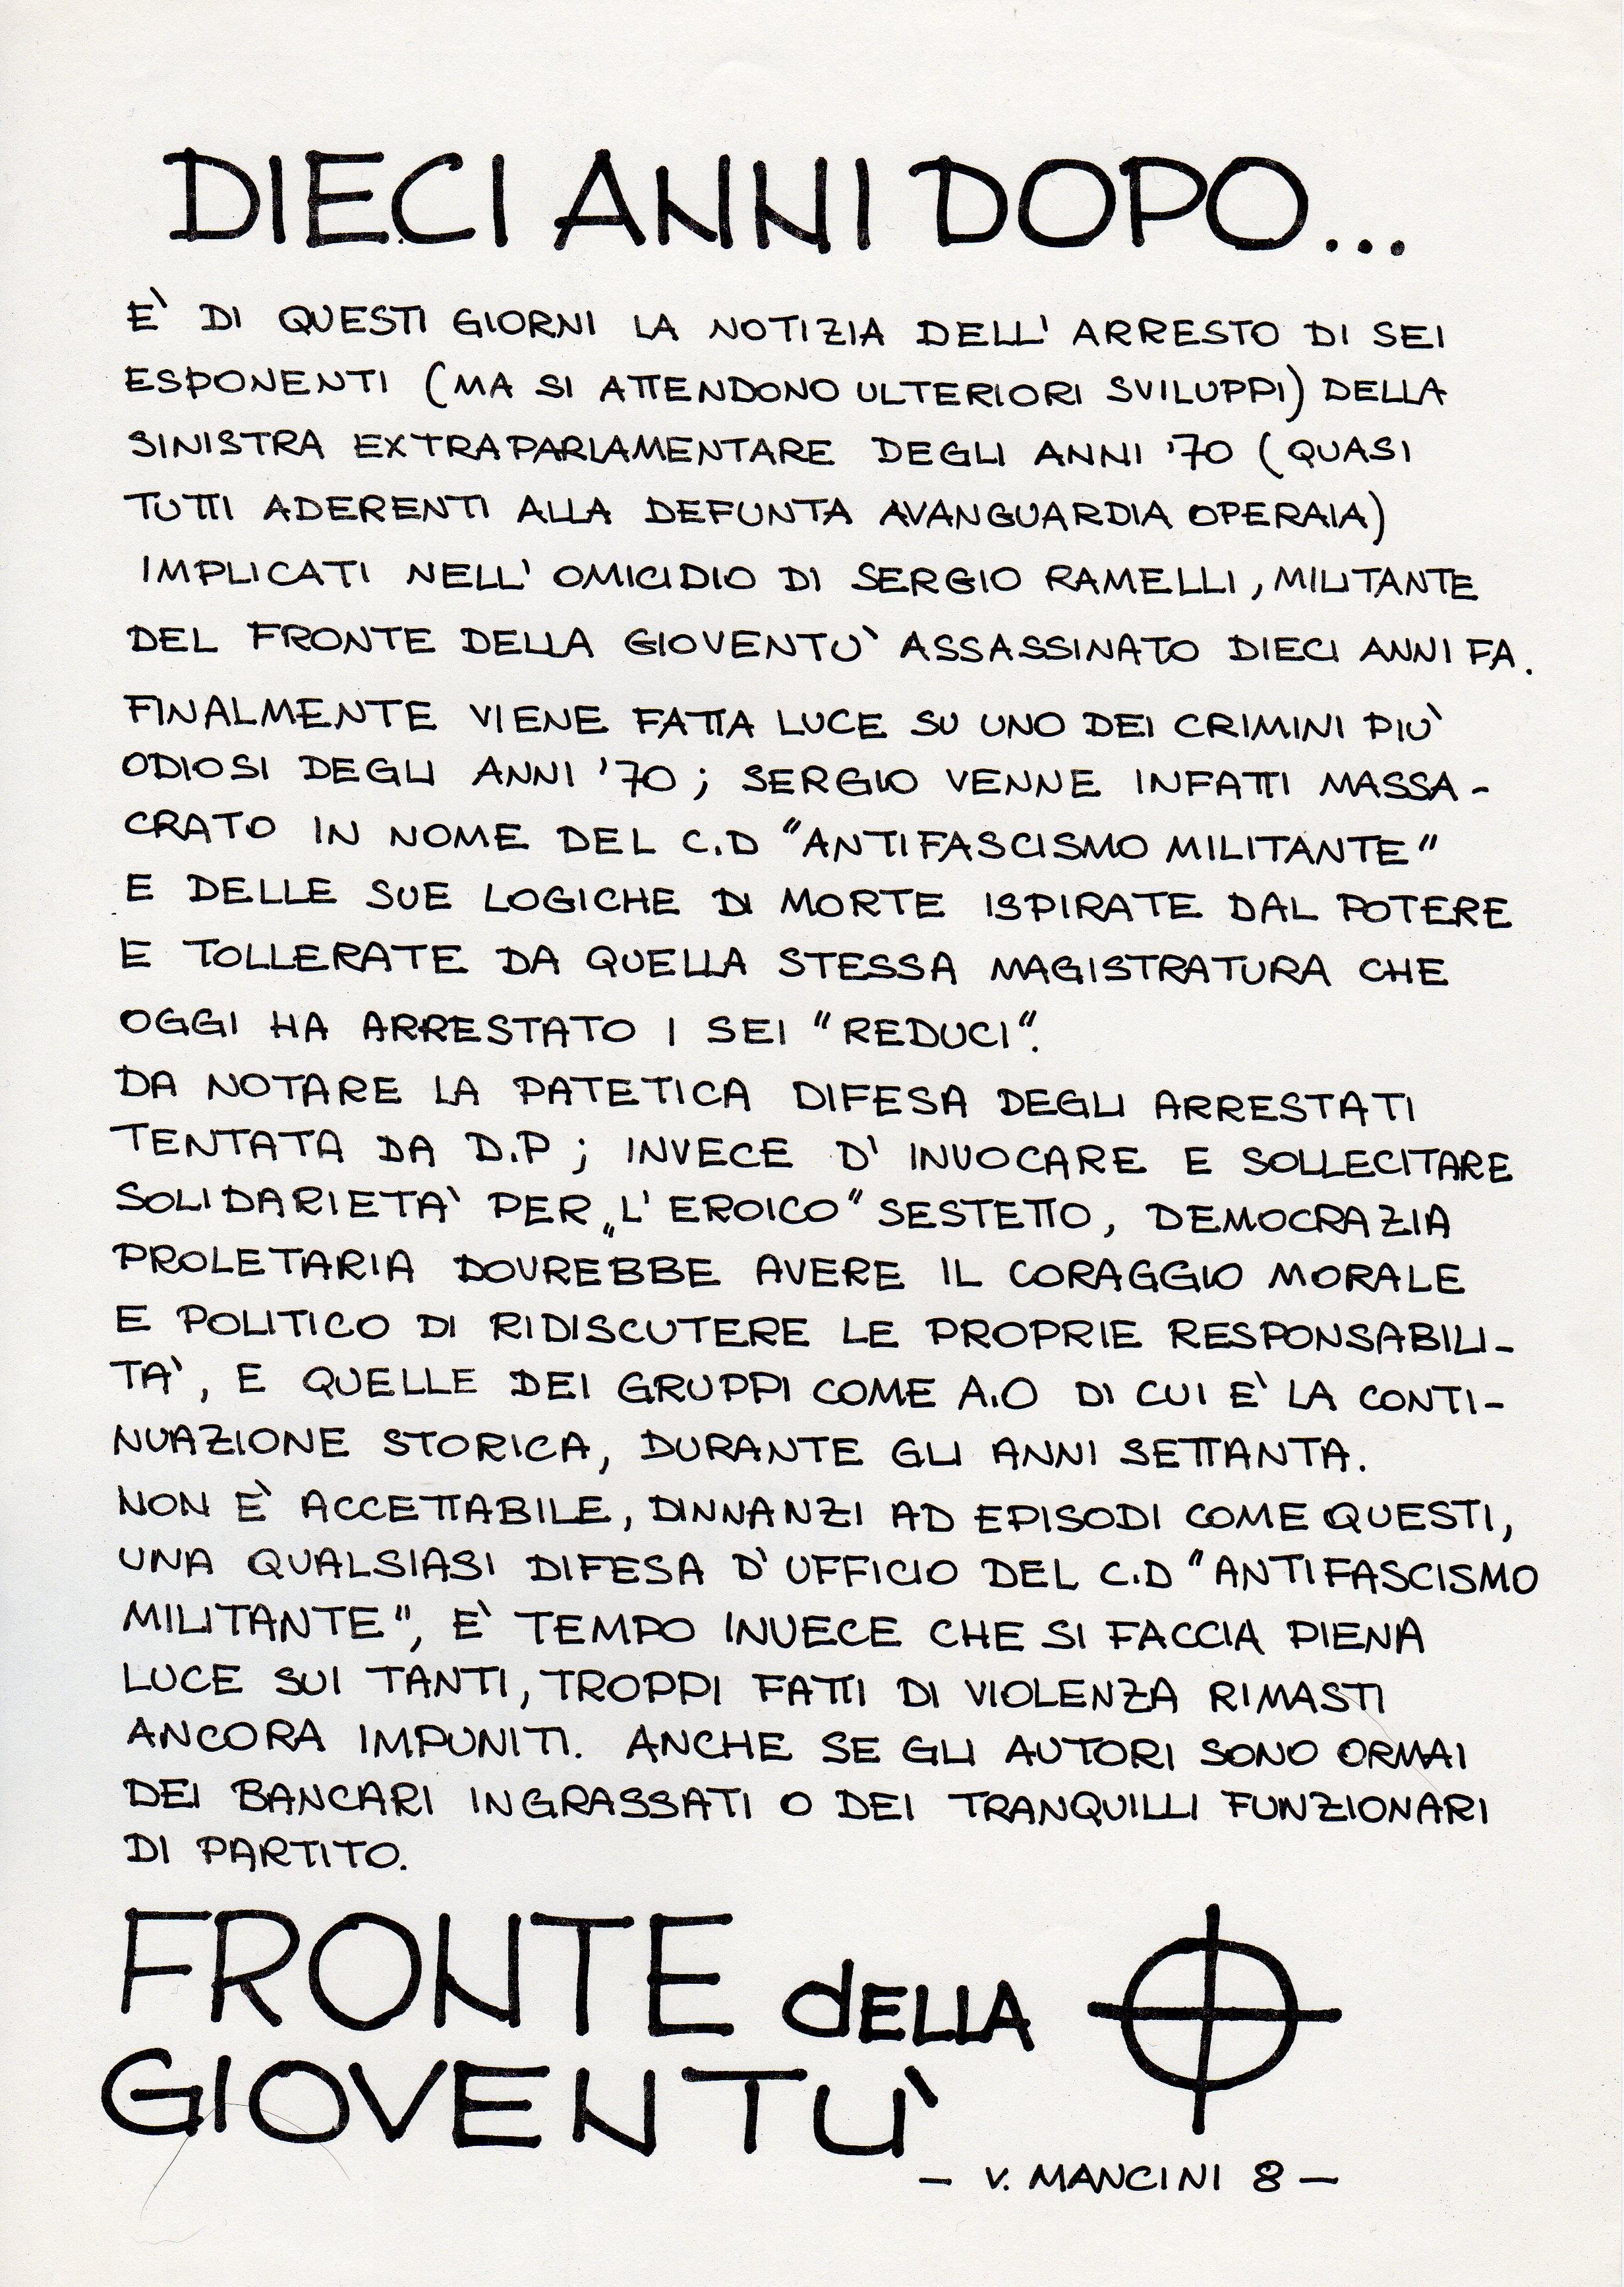 1985-09_MI_Sc-Vol